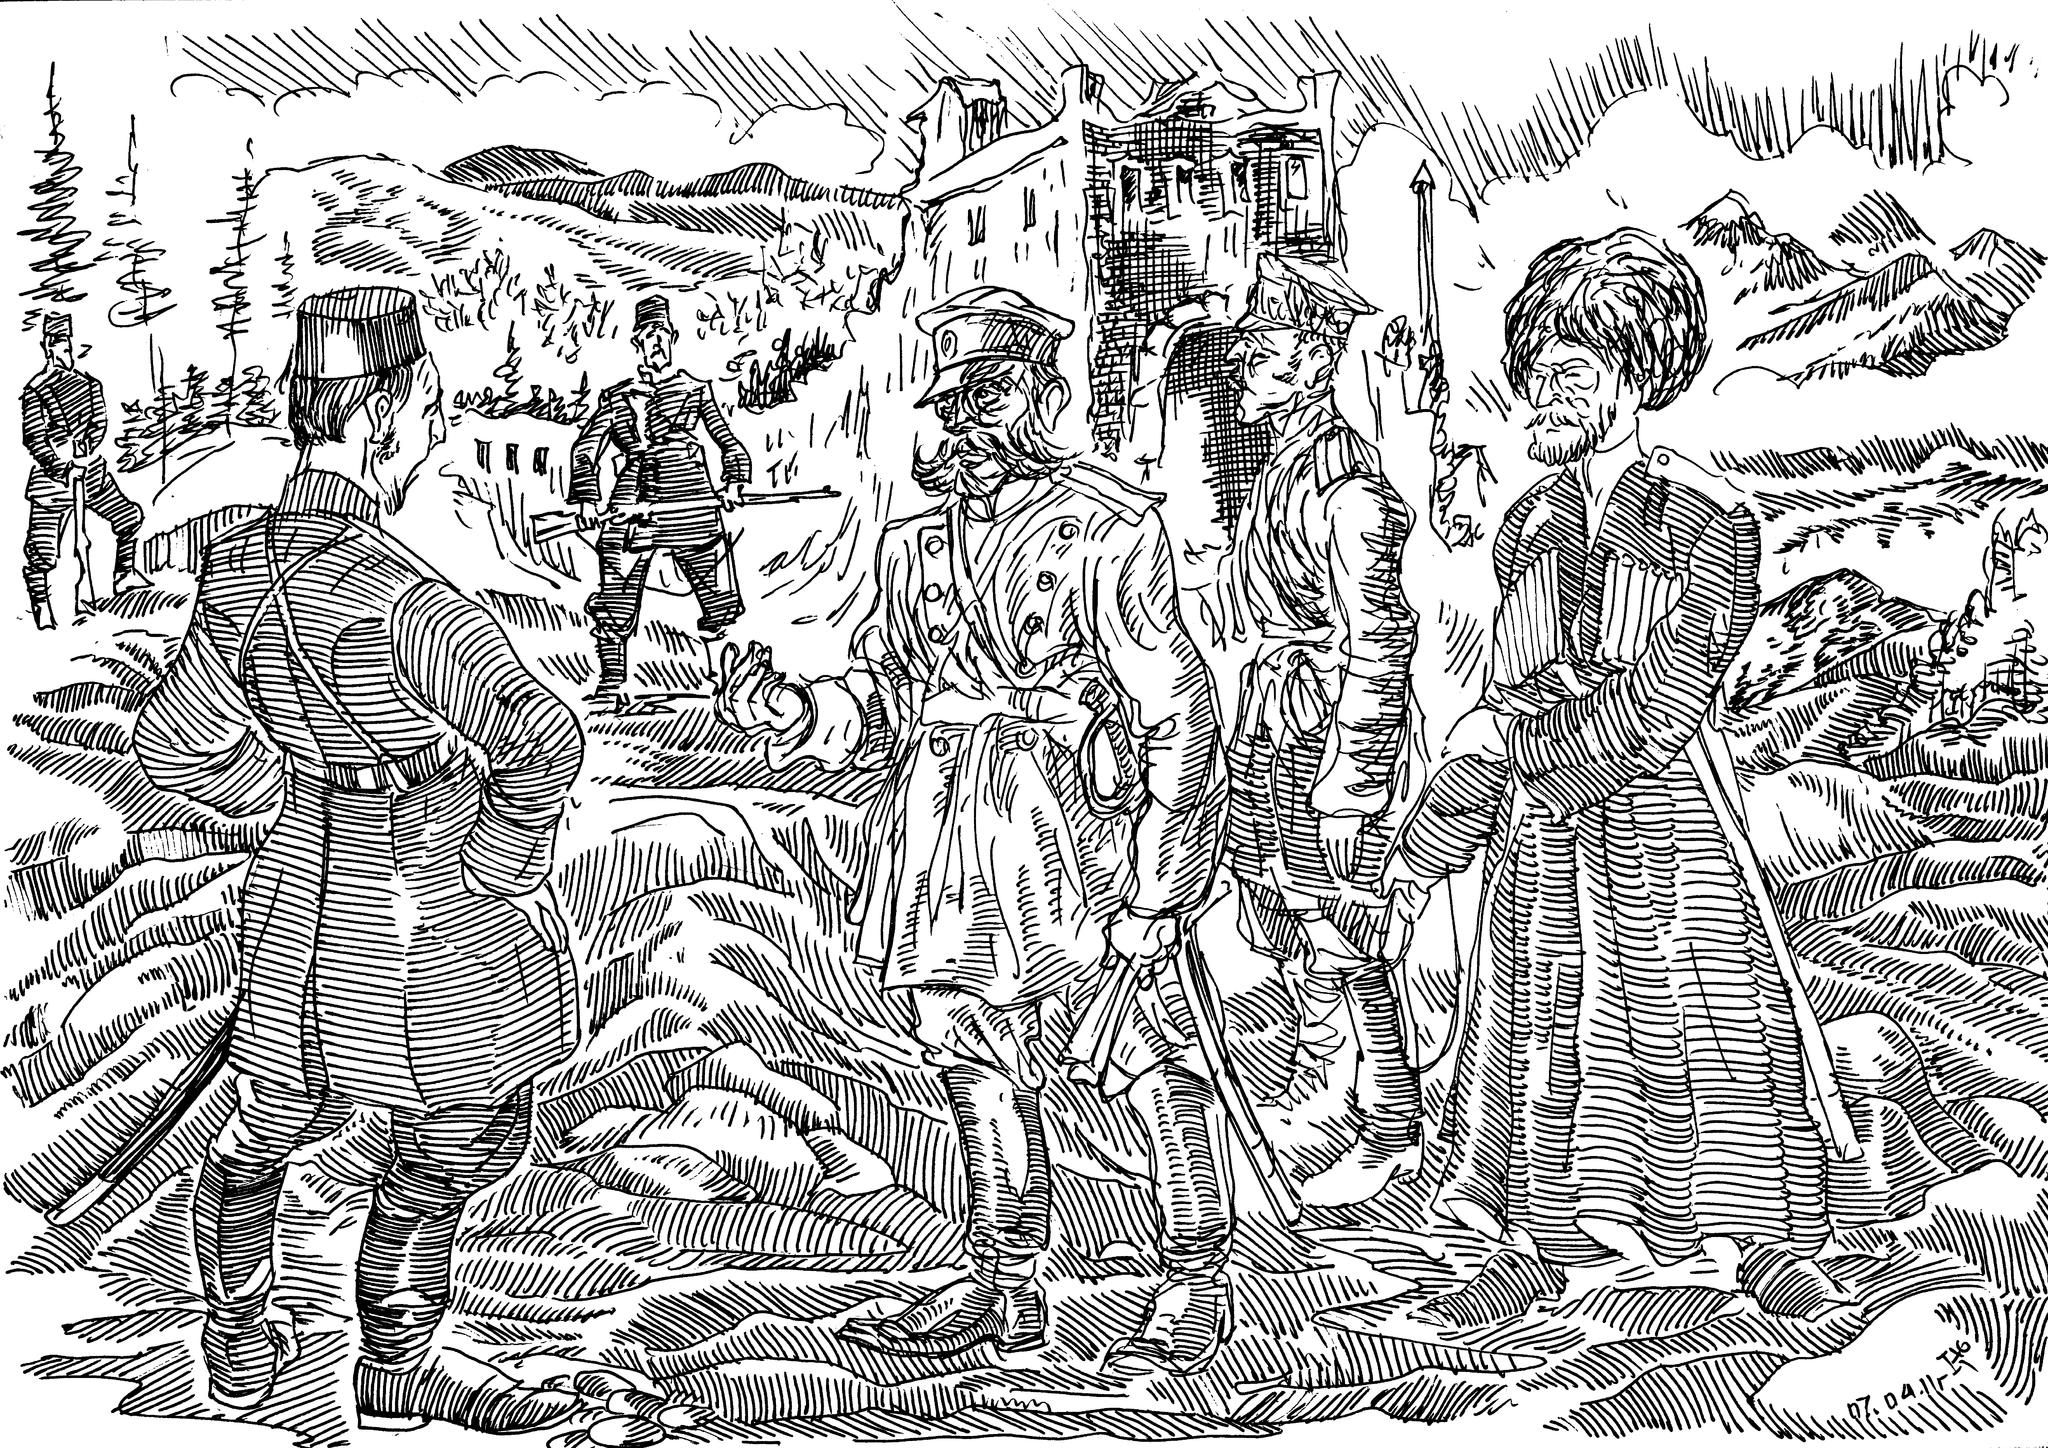 Всё это могло быть нашим, ведь войска Н.Н.Юденича много сделали для того, чтобы флаг России гордо реял над этими благодатными землями